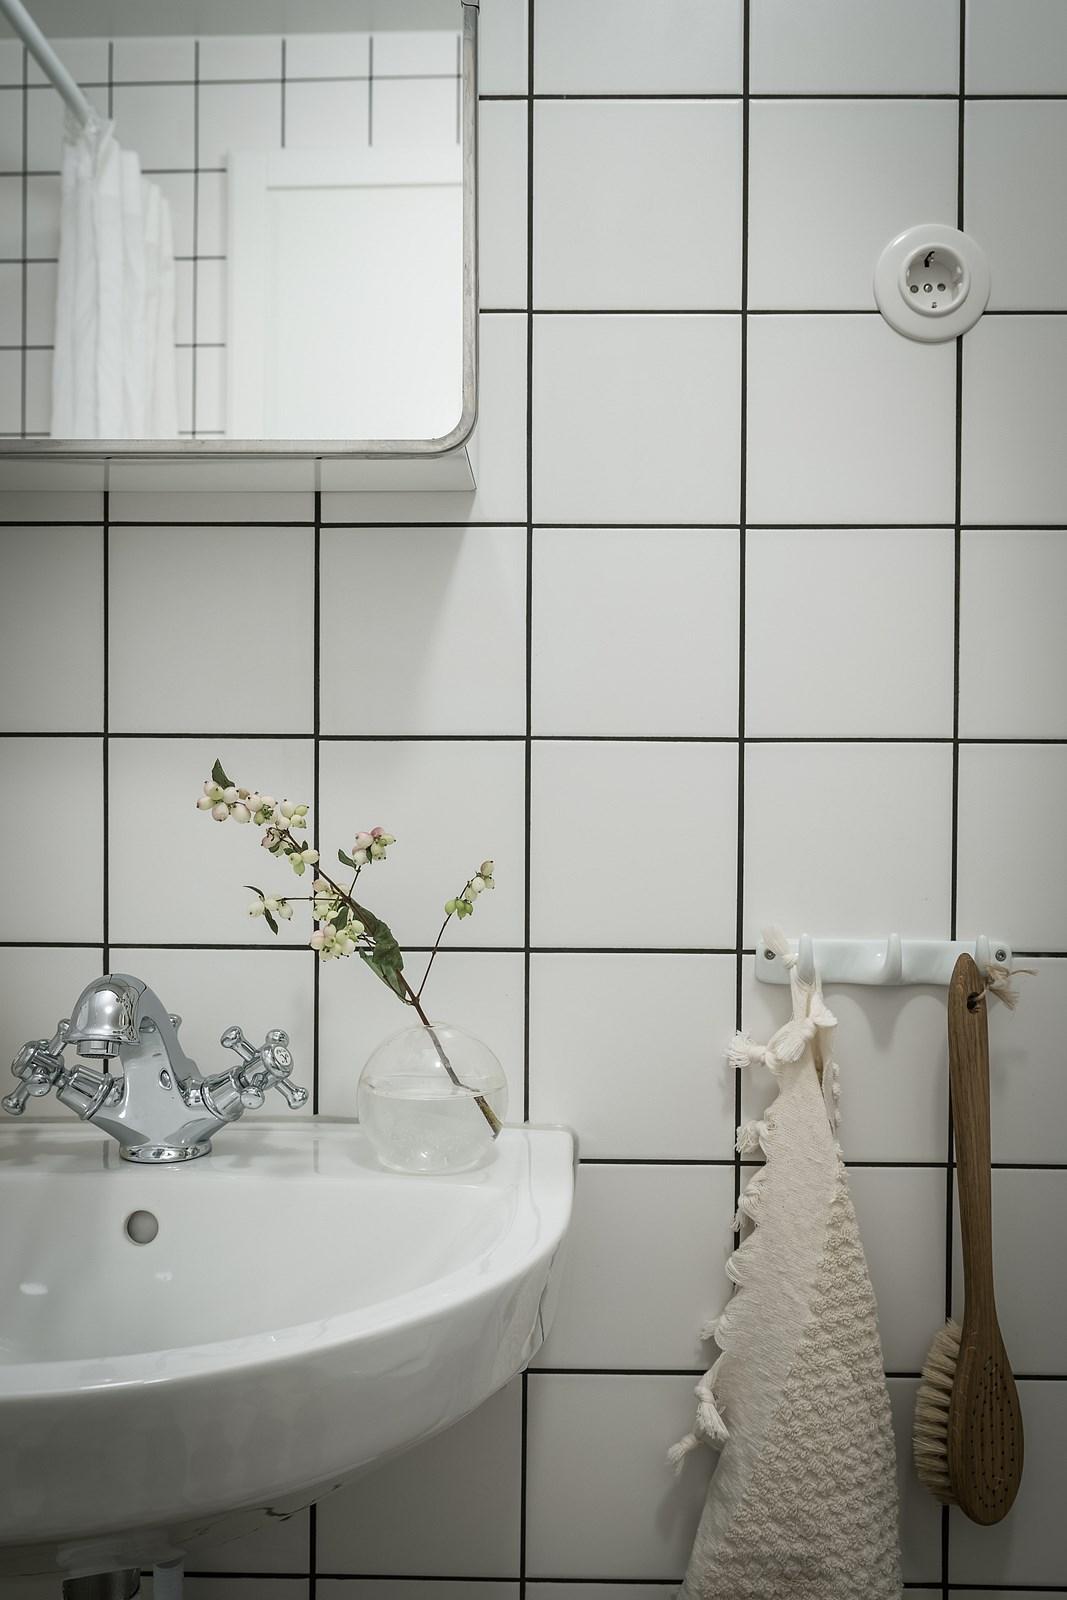 санузел раковина смеситель белая квадратная плитка